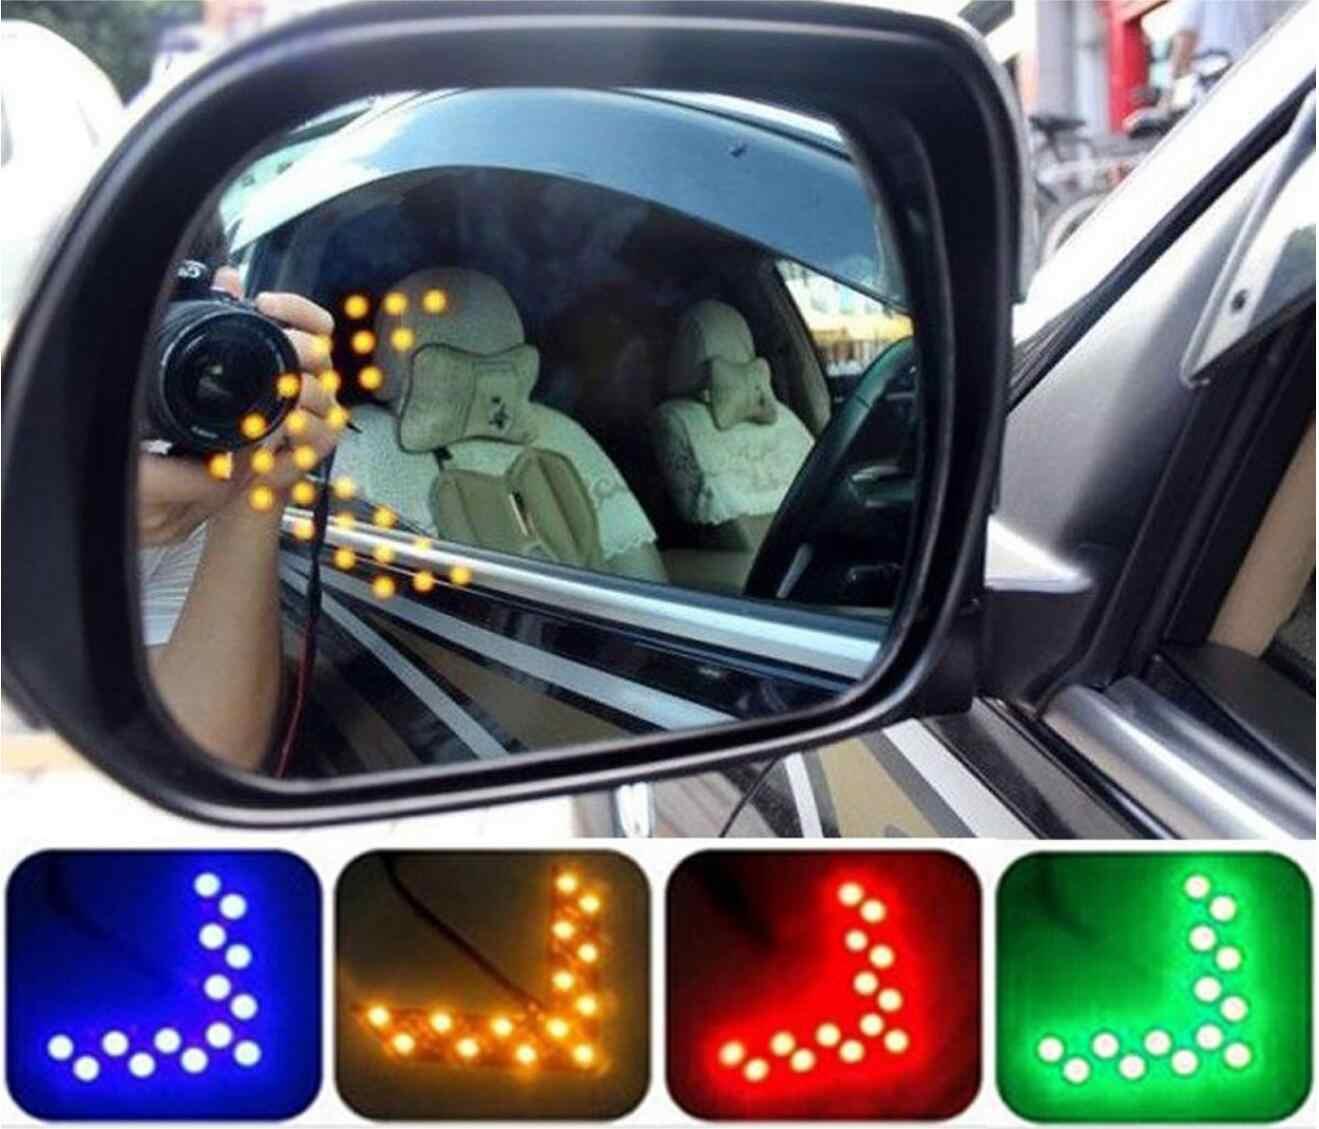 Carro espelho retrovisor indicador de luz por sua vez sinal acessórios do carro etiqueta para honda mugen energia para civic accord crv hrv jazz